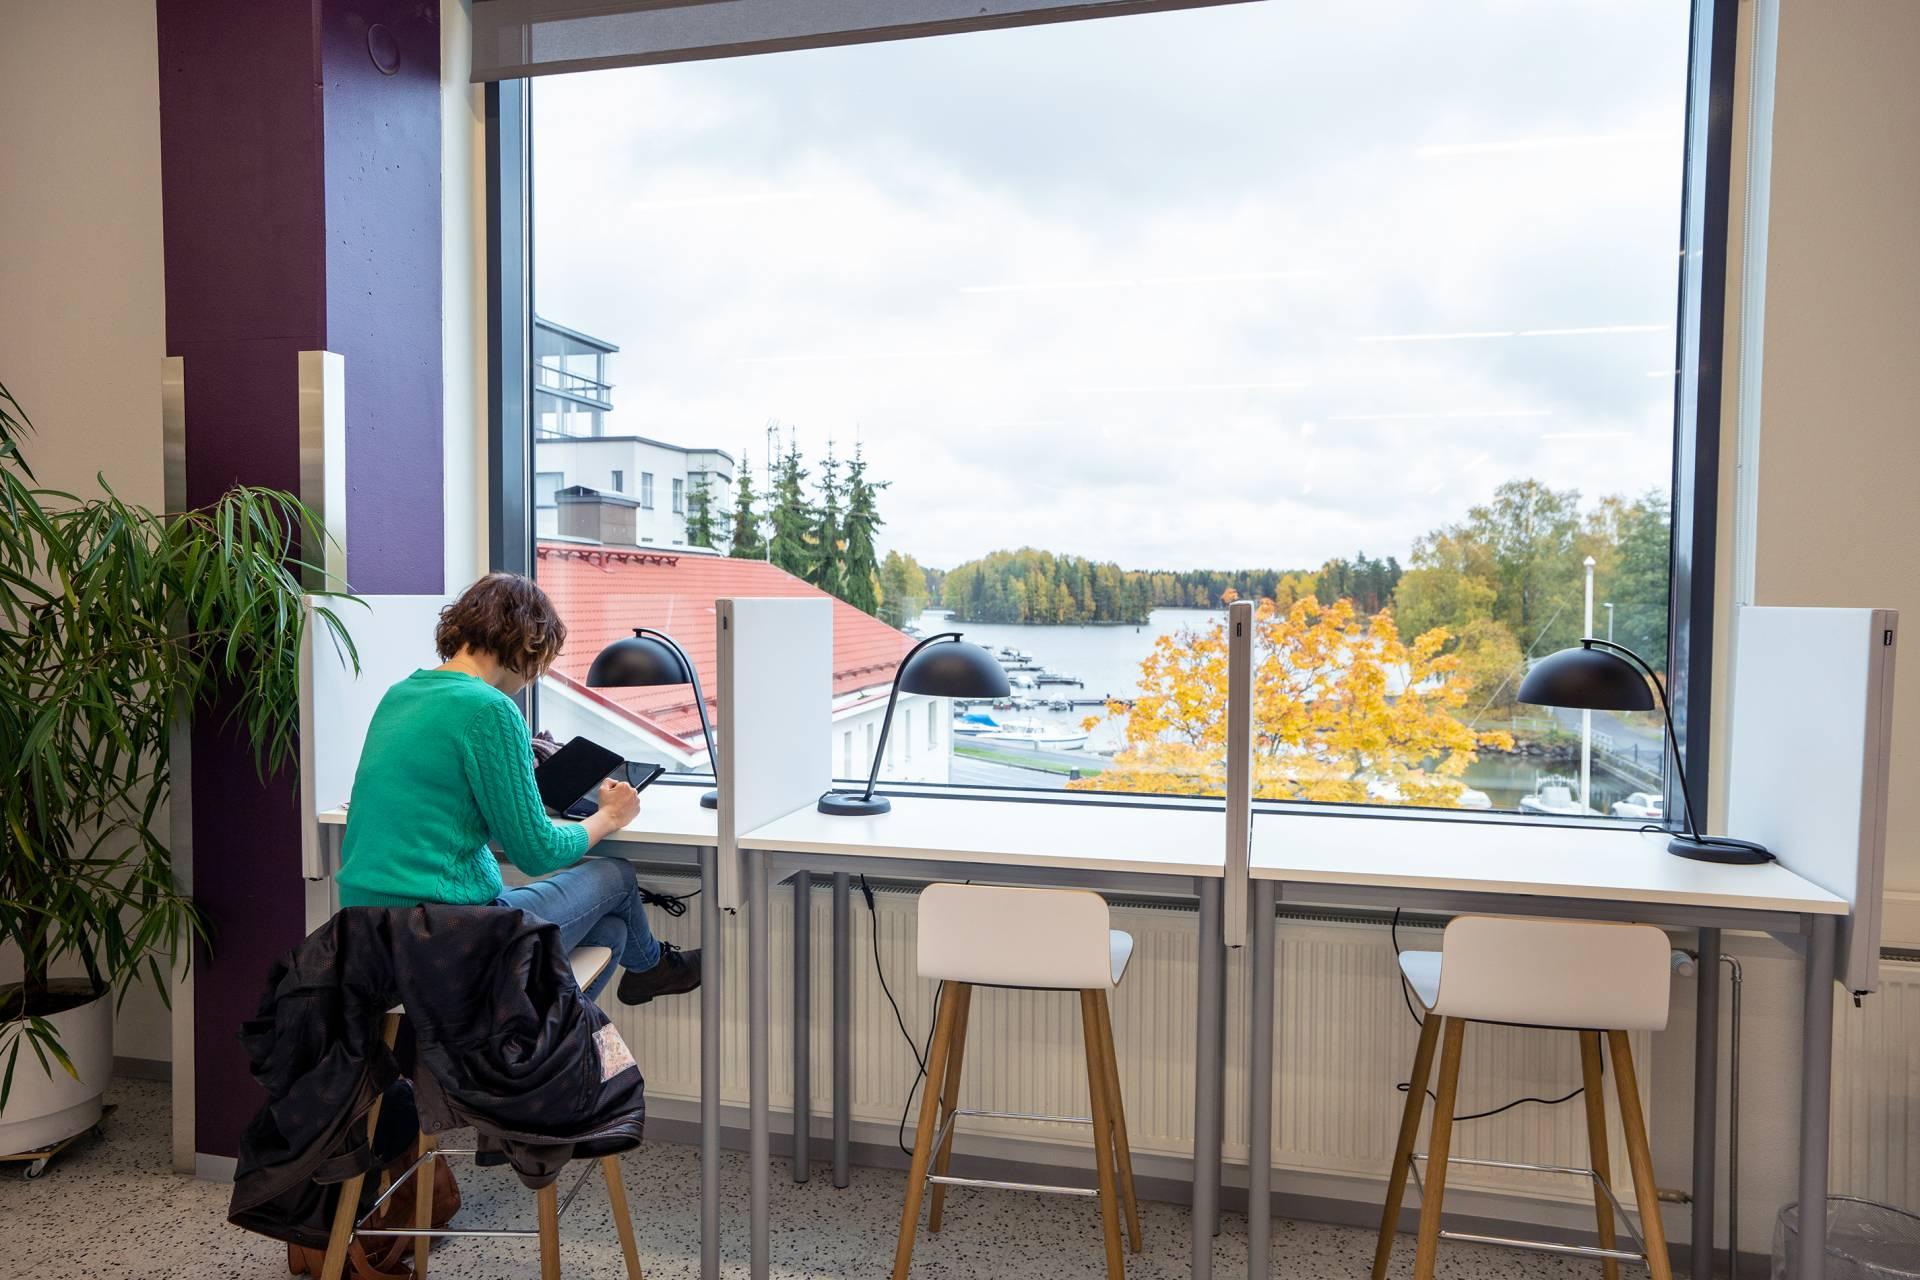 Ihminen istuu työpöydän ääressä, ison ikkunan luona.